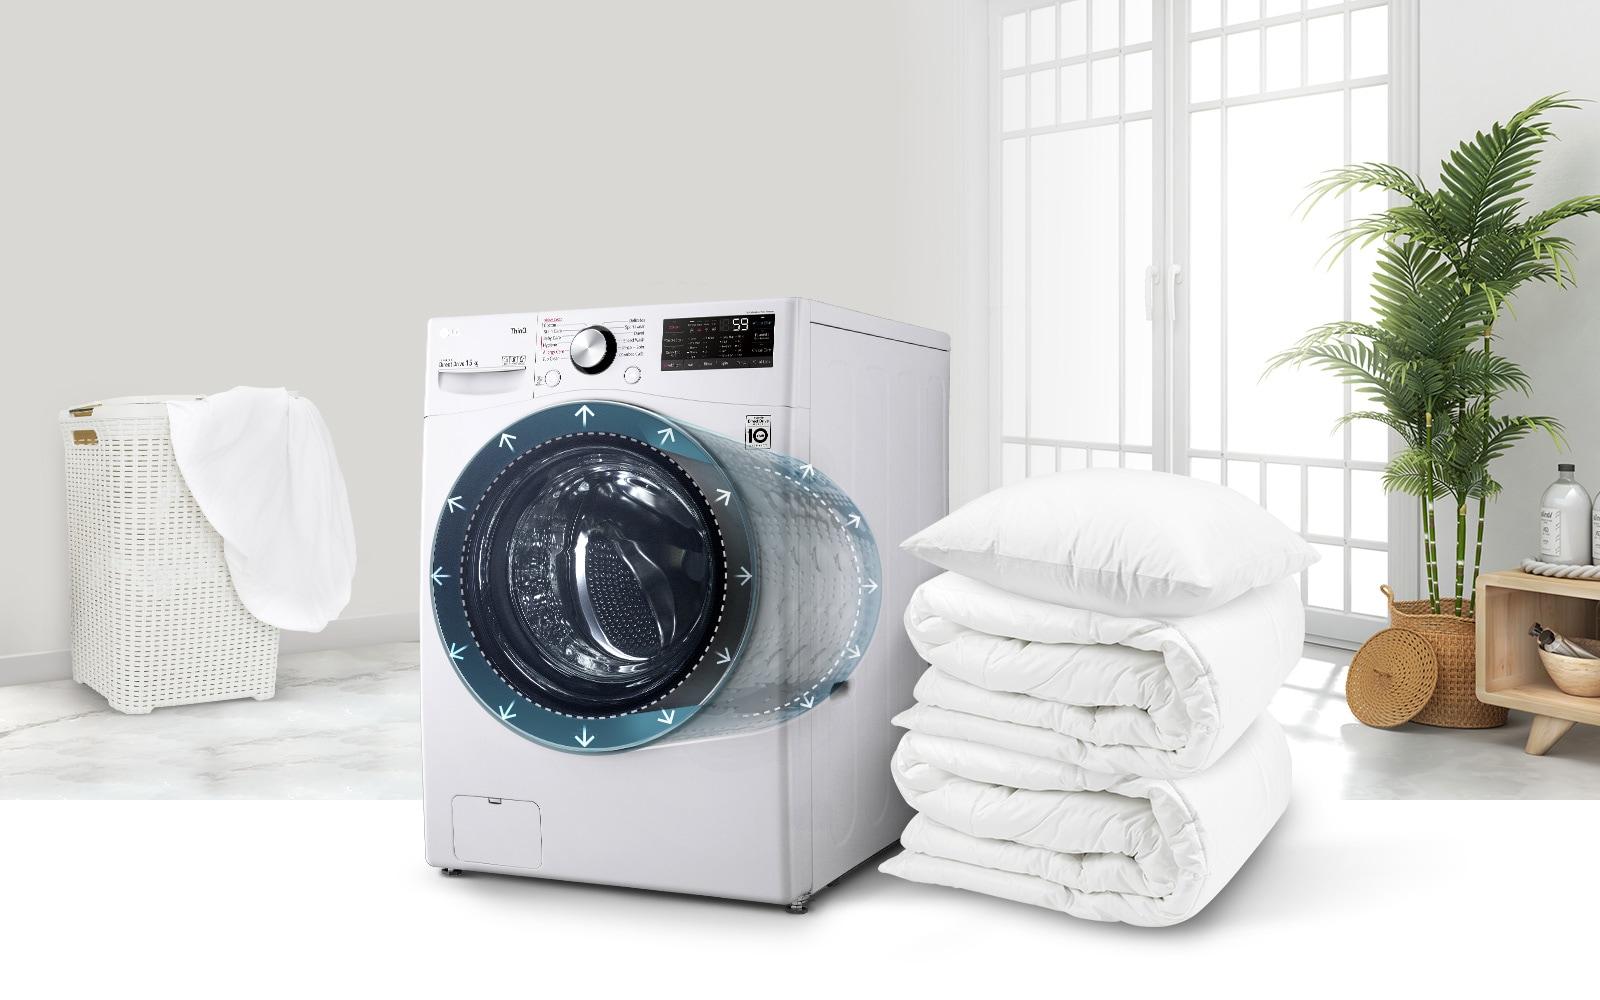 Một chiếc máy giặt nhìn nghiêng để có hình ảnh từ phía trước/bên cạnh với một chồng chăn và gối bên cạnh. Có thể nhìn xuyên thấu máy giặt nên sẽ thấy đường viền của lồng giặt với các mũi tên cho biết độ rộng.